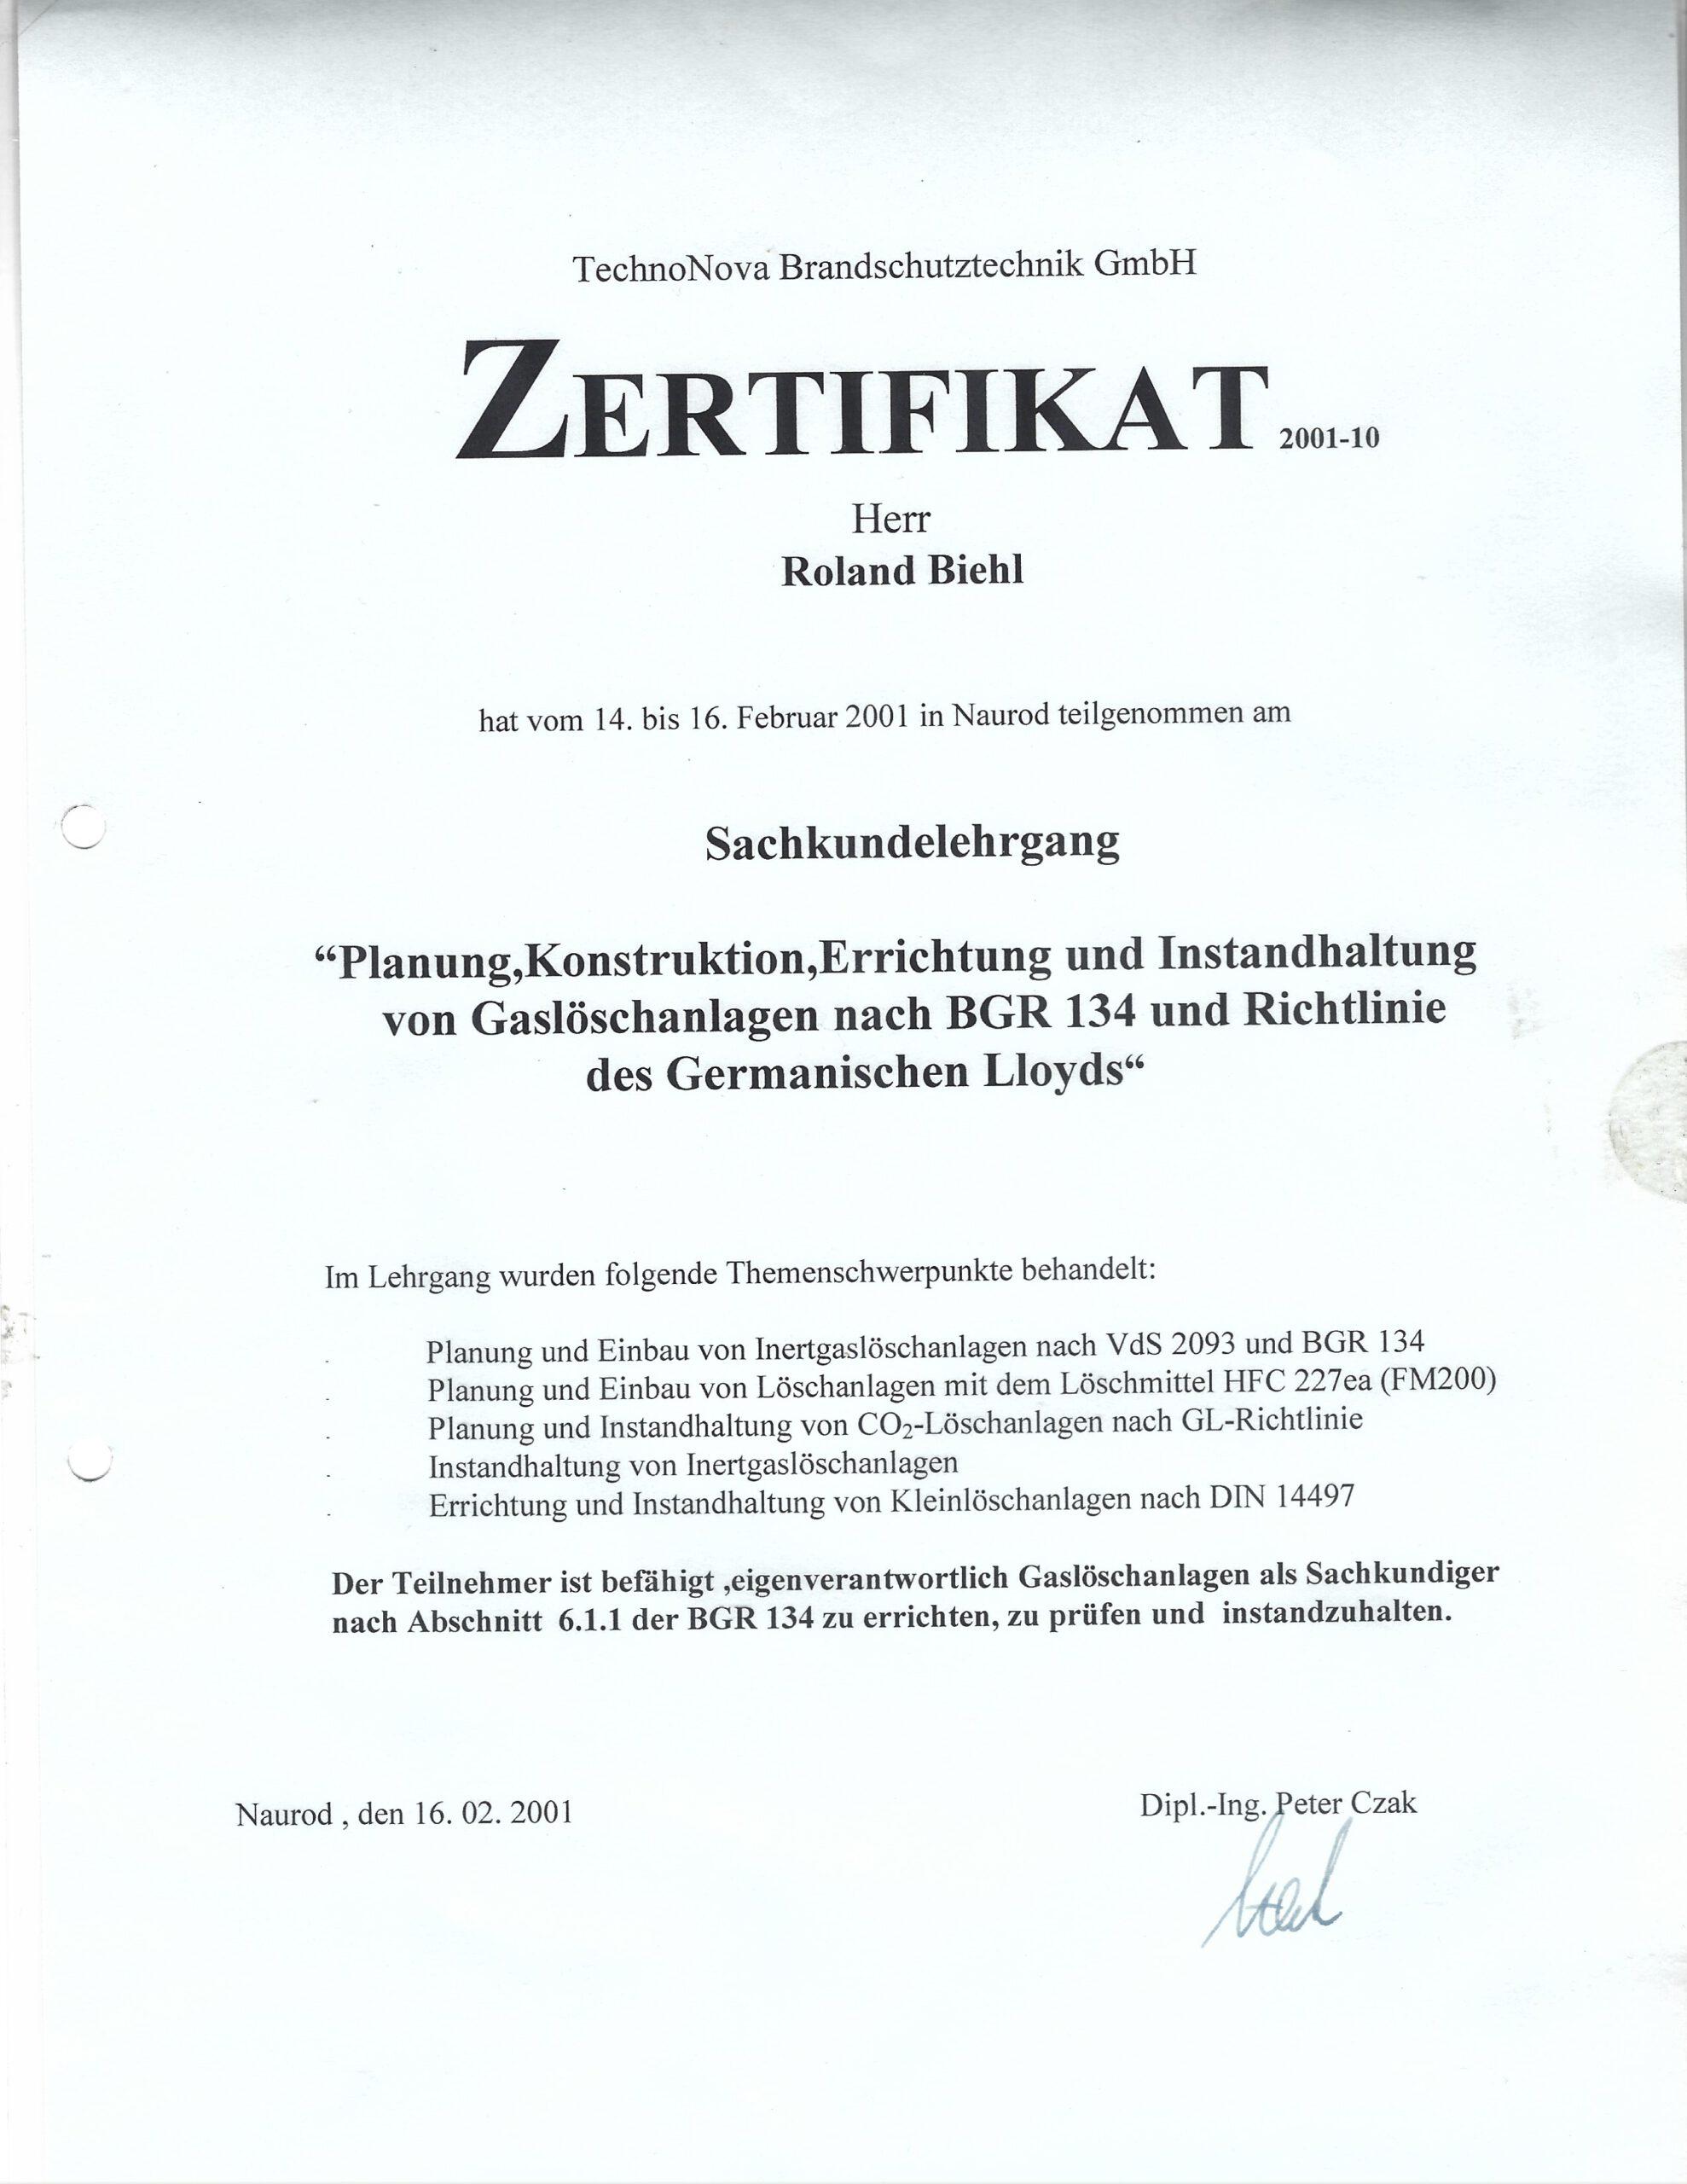 Zertifikat Roland fuer Loeschanlagen scaled